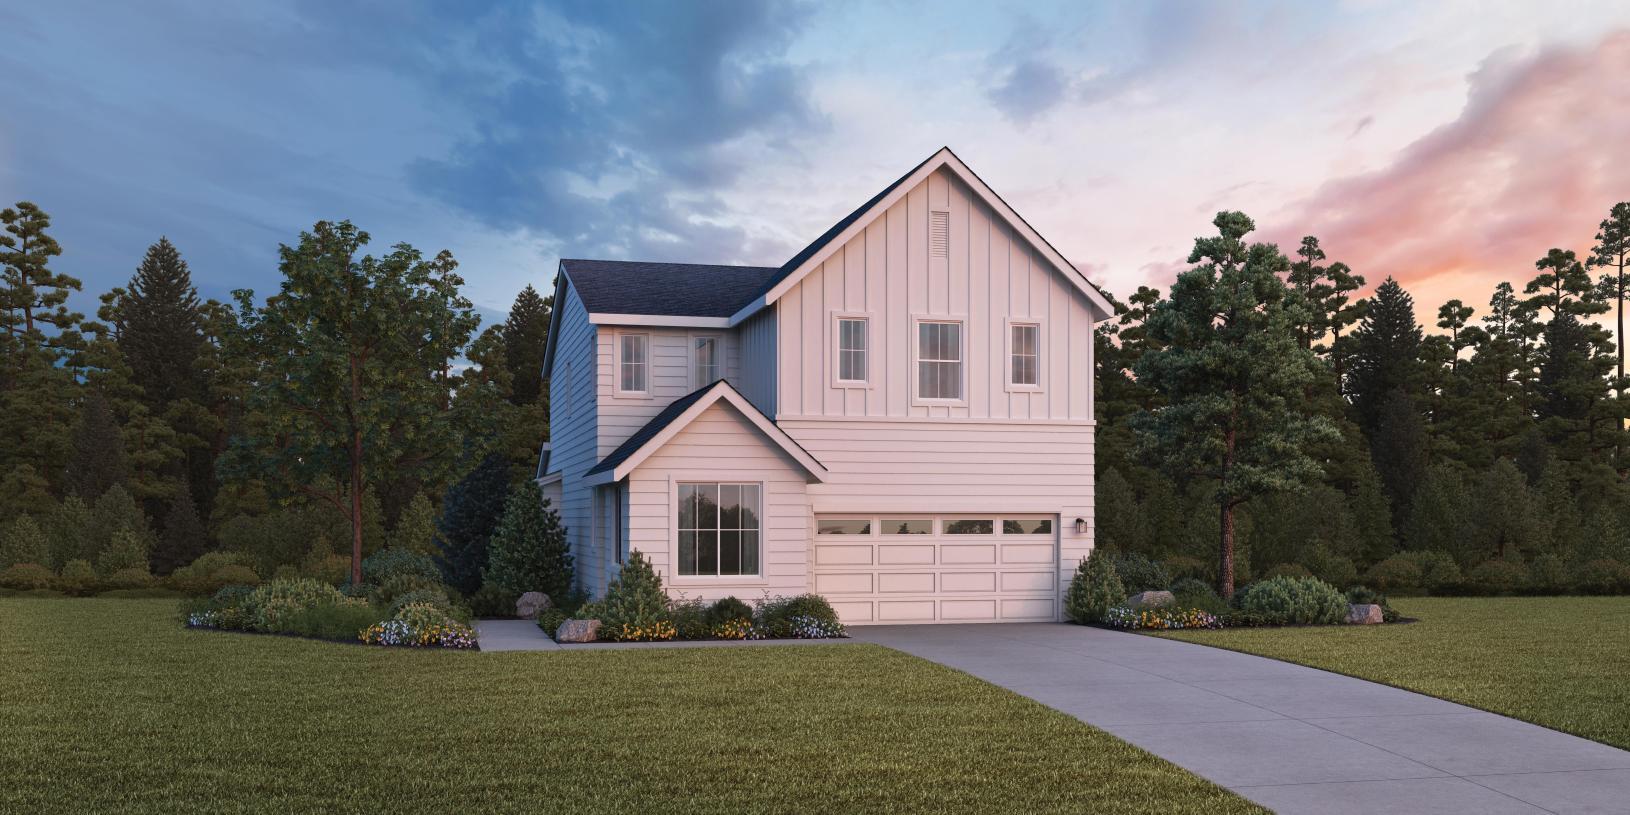 Cavalera will offer farmhouse architecture